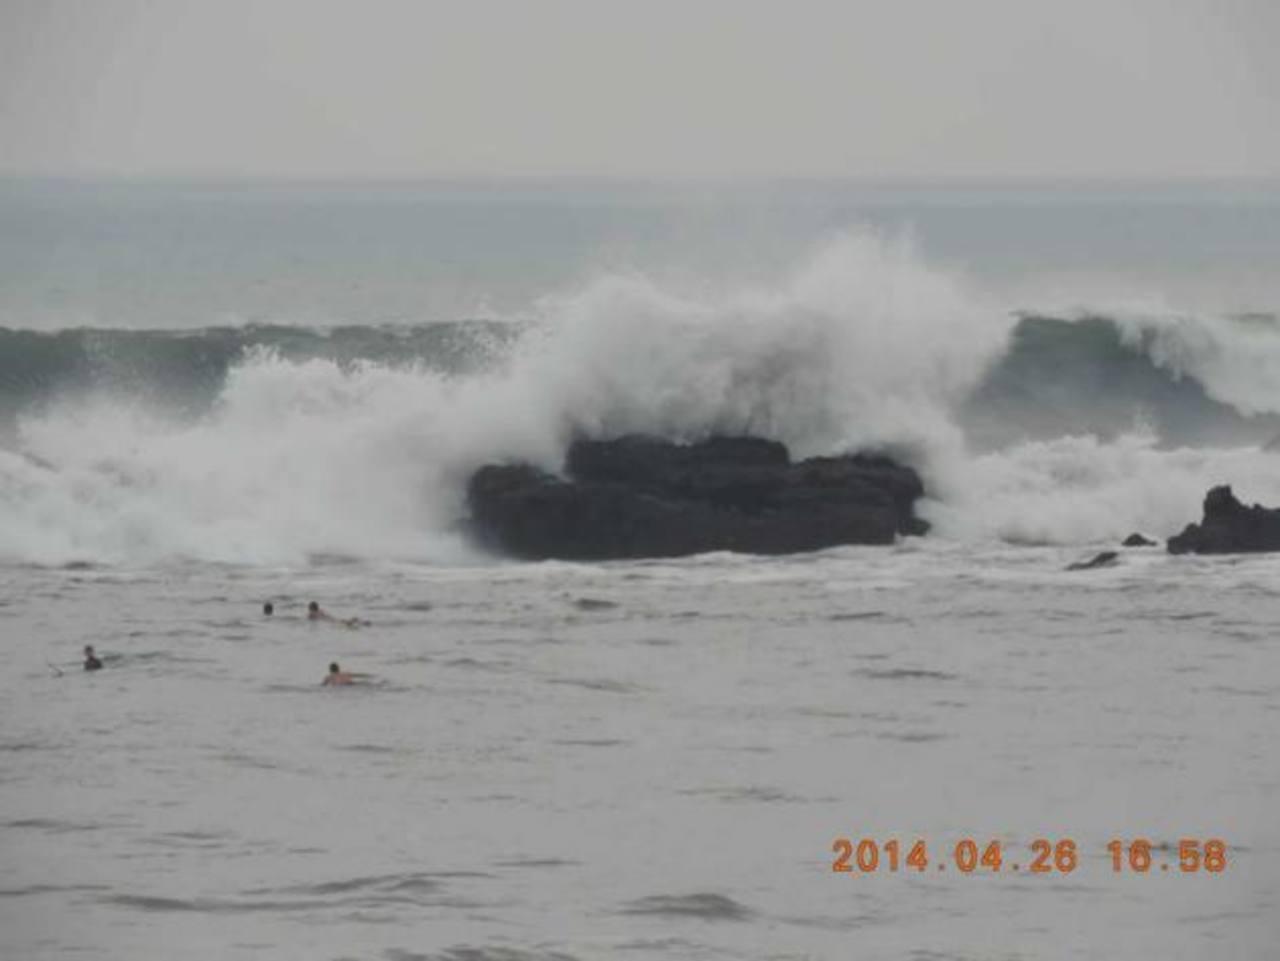 La fuerza y altura del oleaje en la playa El Tunco, La Libertad, fue aprovechada por surfistas. foto cortesía Reynaldo Sánchez